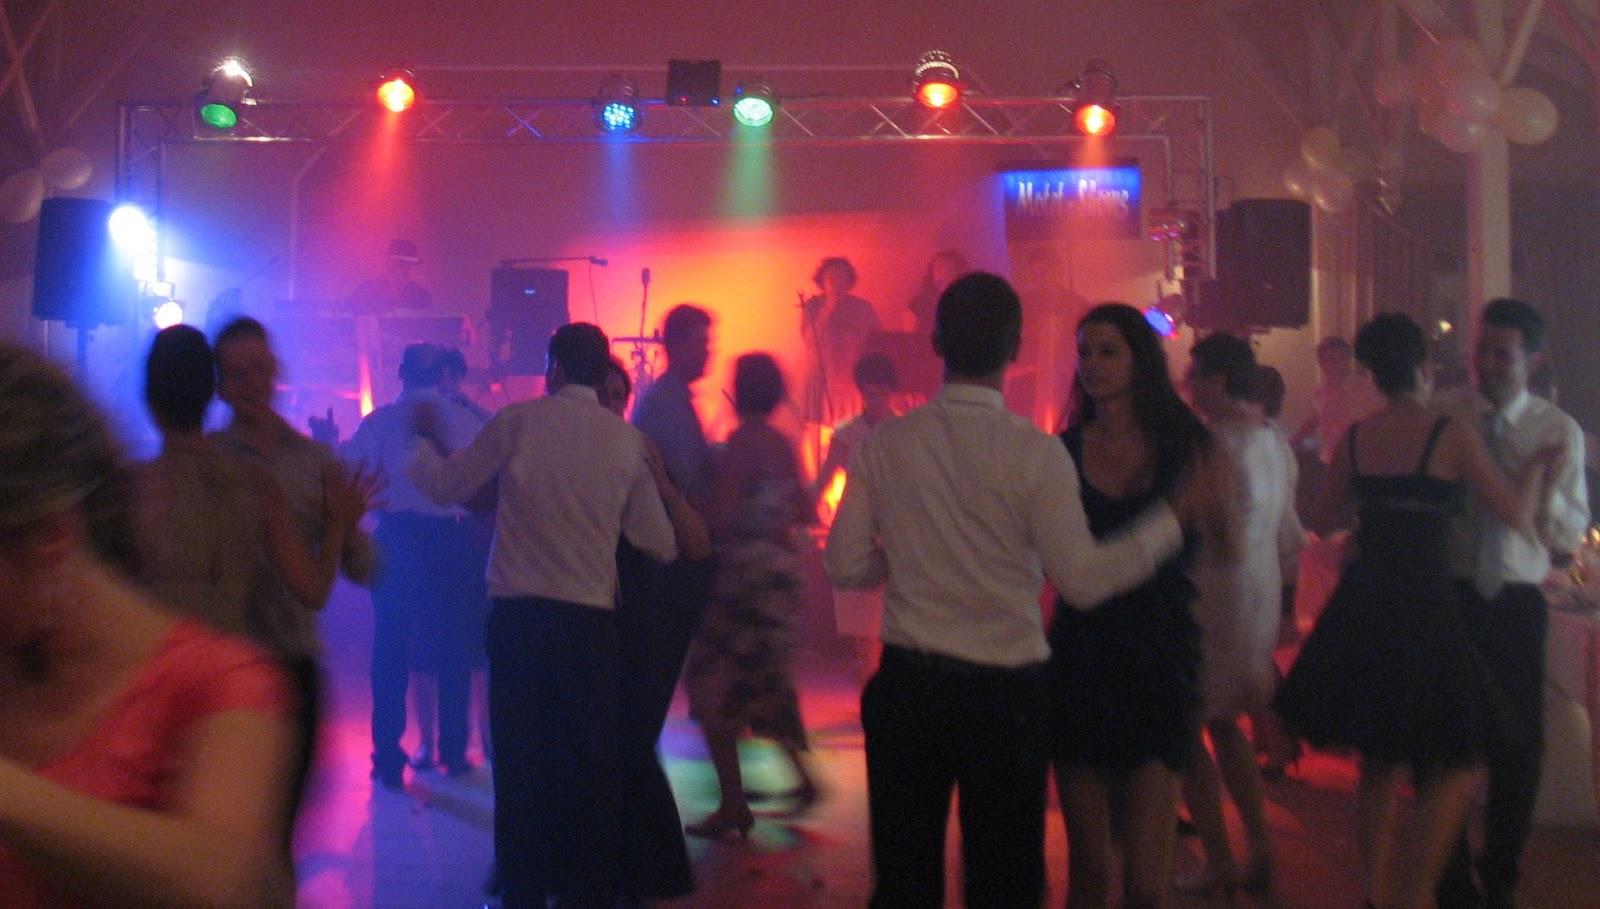 Hochzeit In Polen Traditionen Brauche Und Feierlichkeiten Weddix